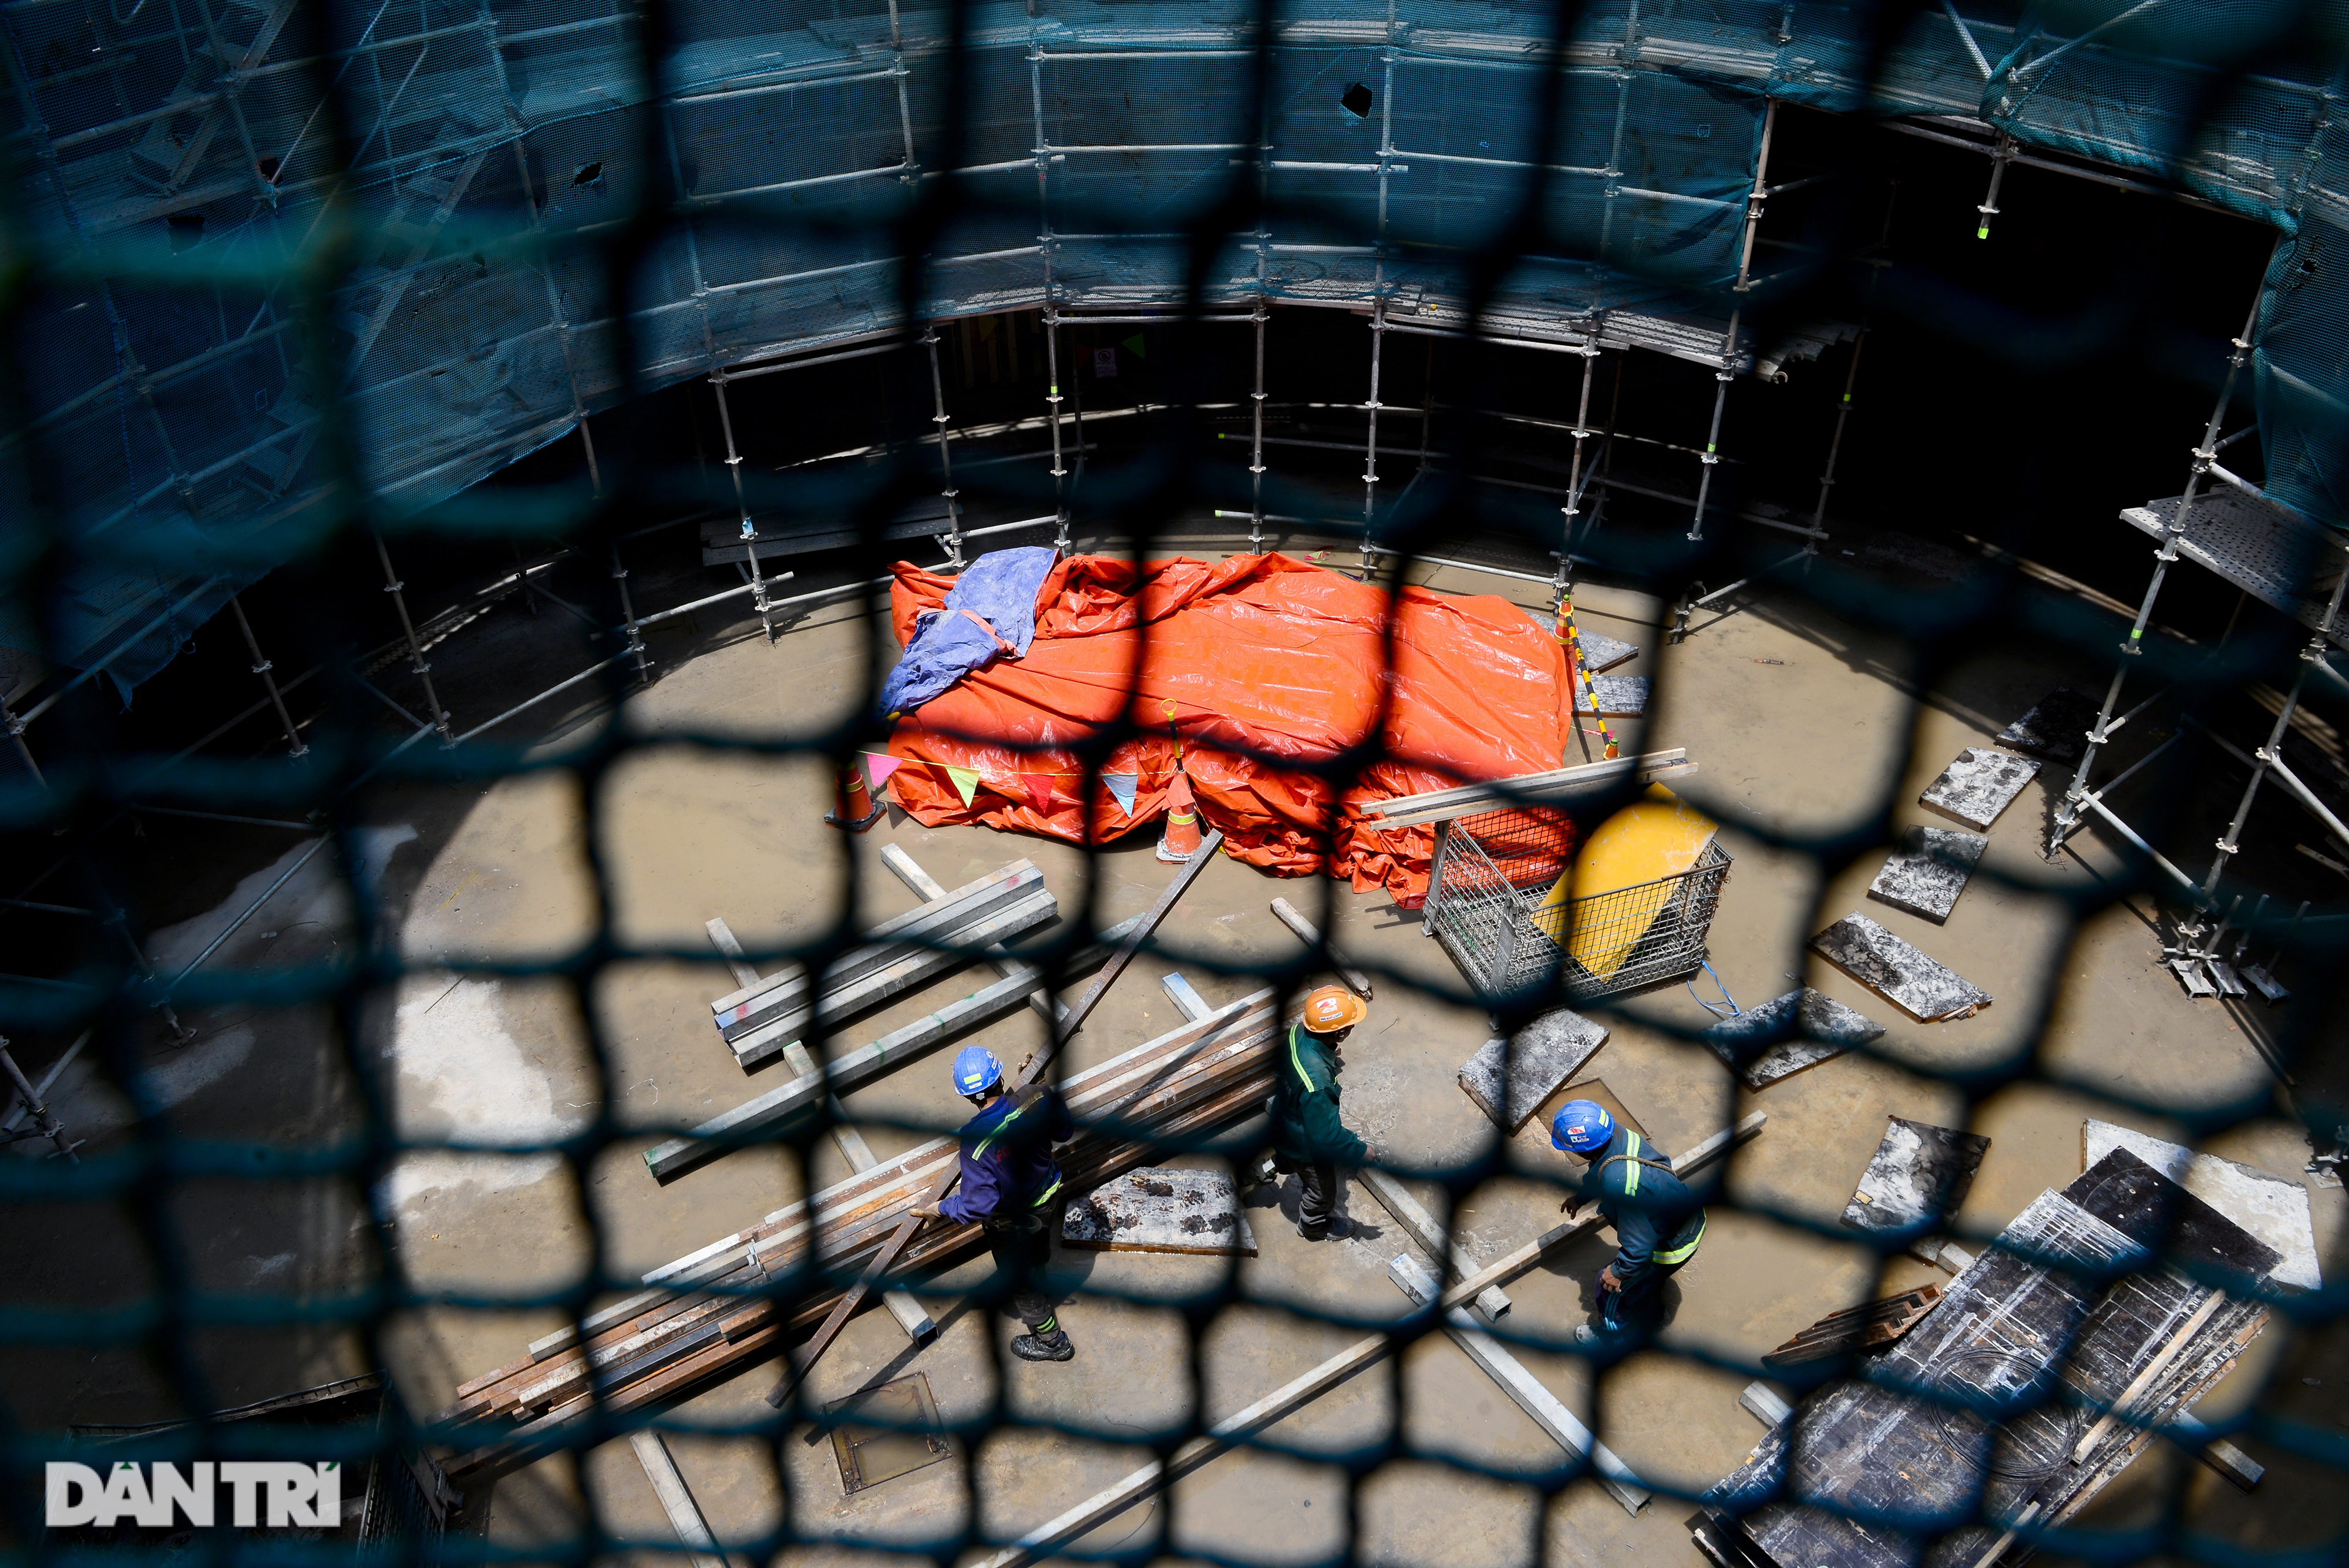 Khám phá giếng trời khổng lồ ăn sâu xuống lòng đất tại ga Metro Bến Thành - 15